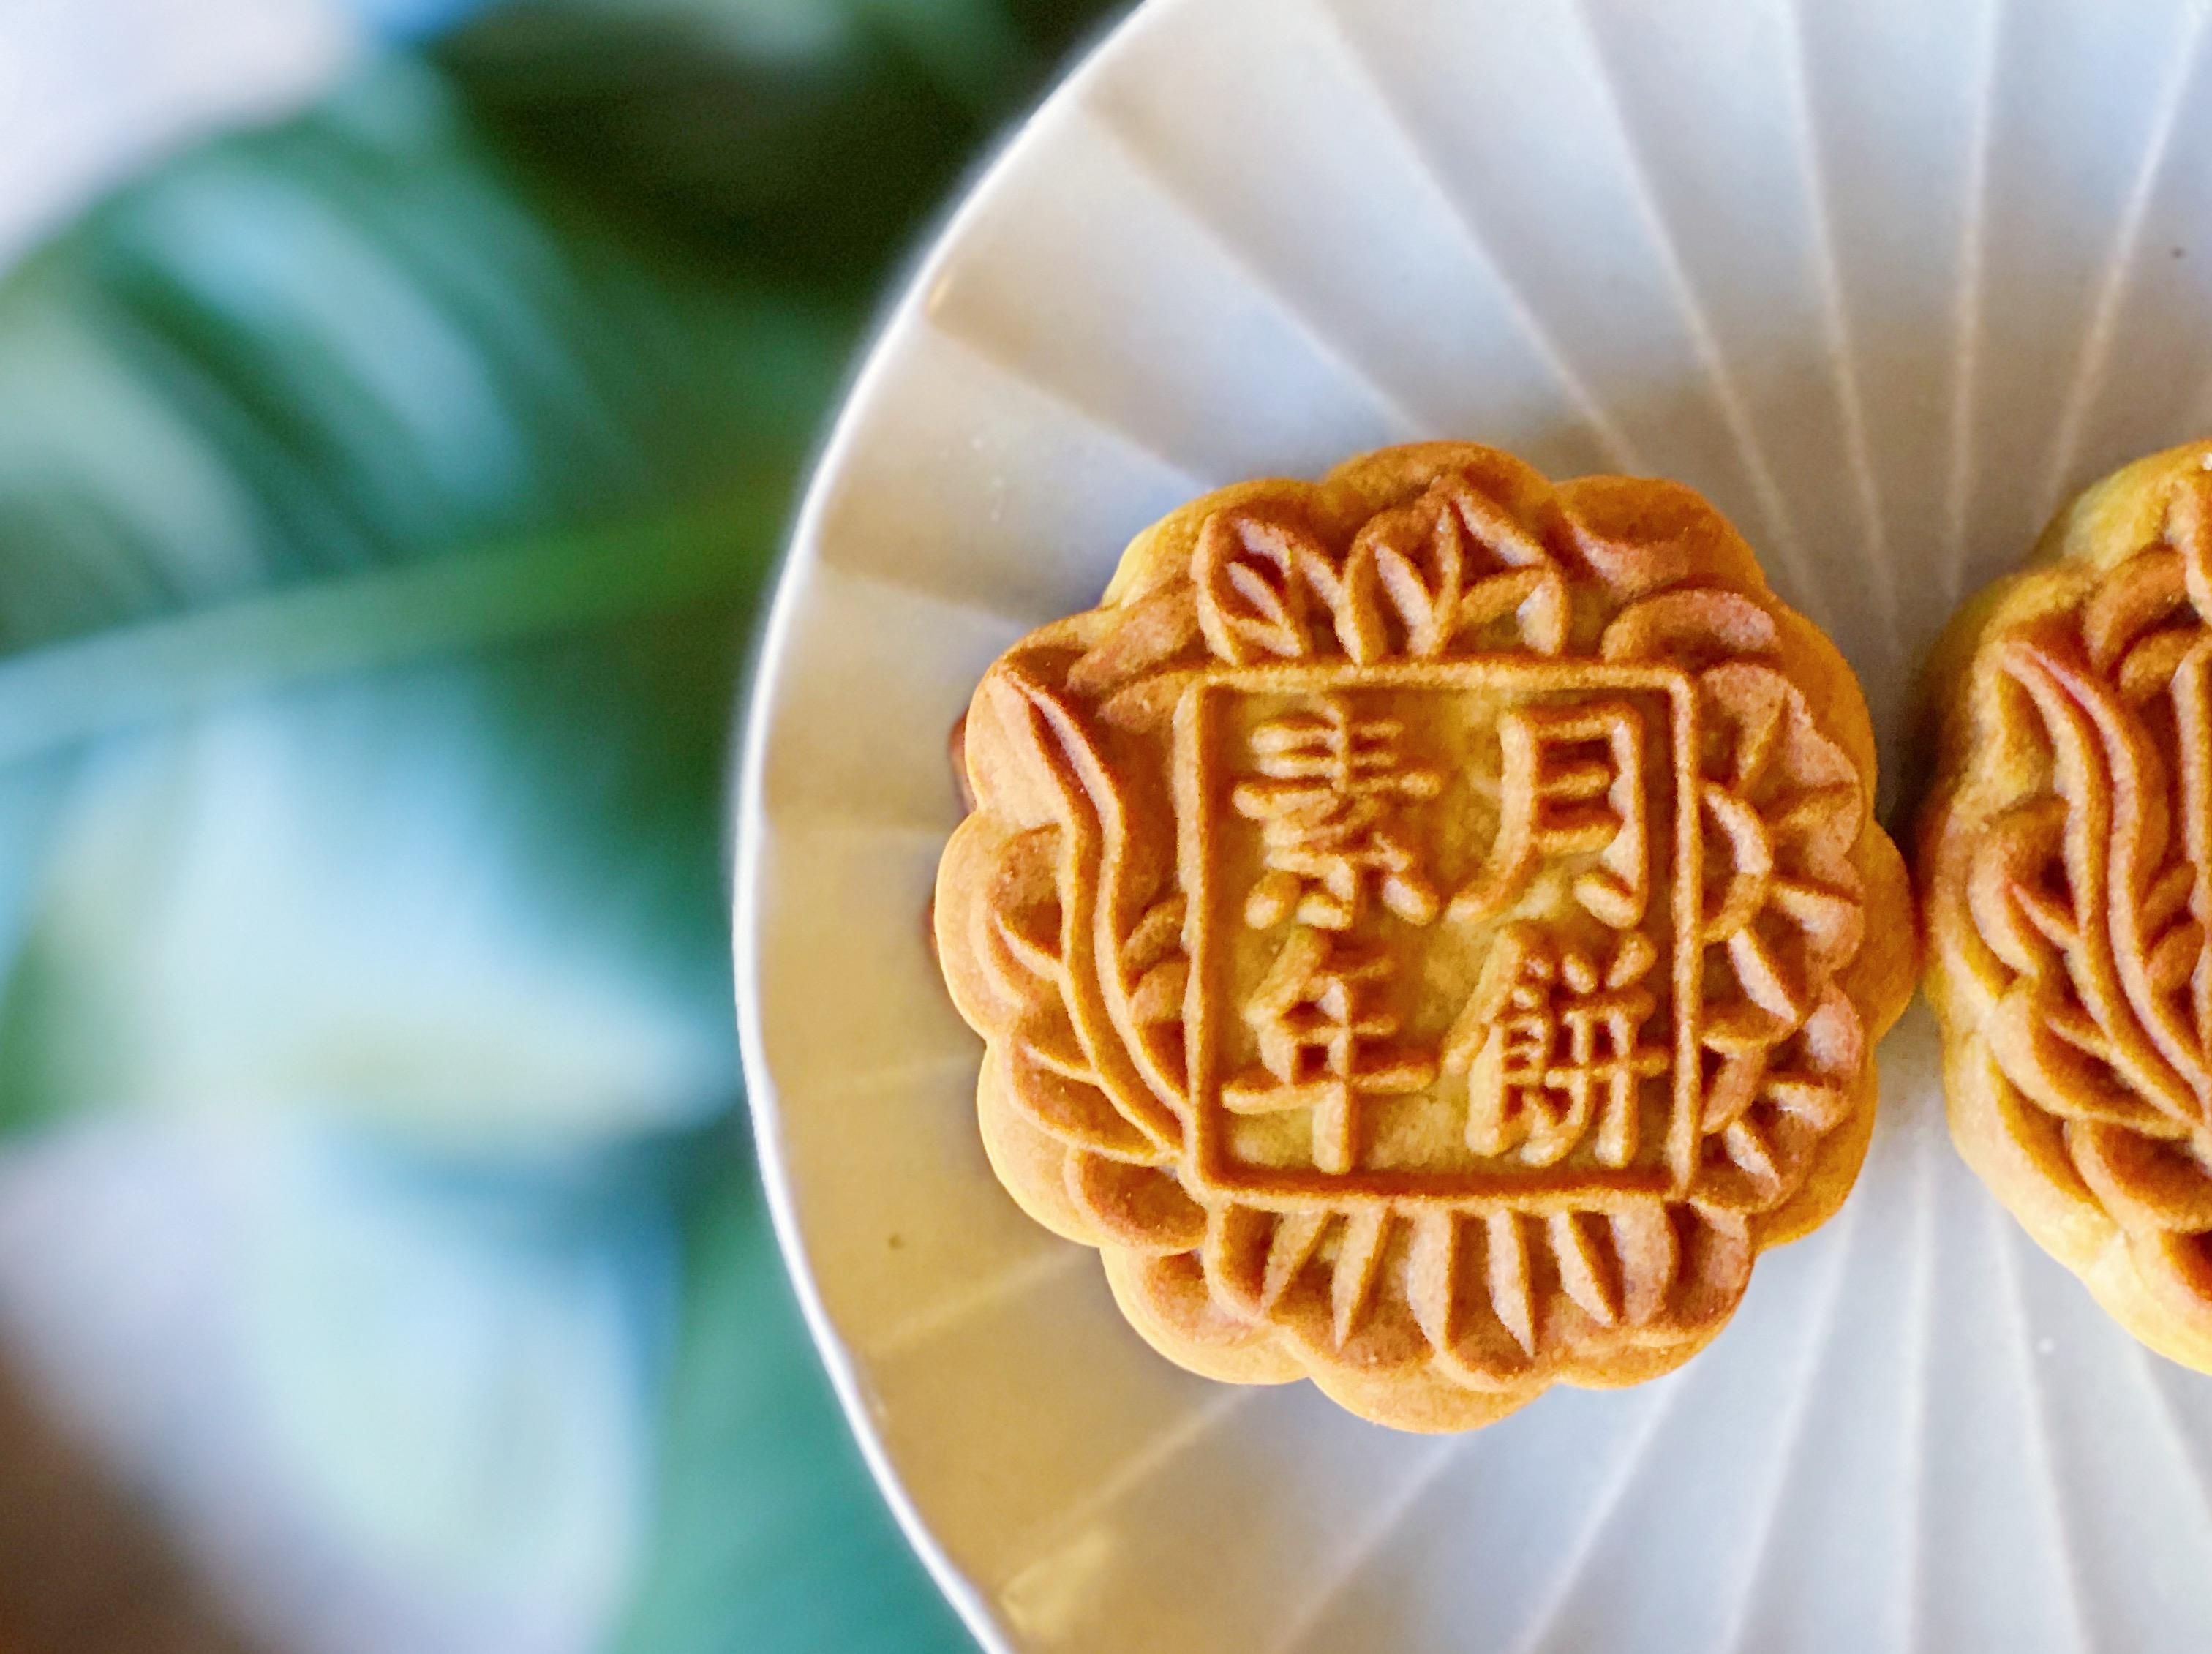 生隆餅店今年與素年合作推出純素月餅,每盒有欖仁蓮蓉月餅及陳皮豆沙月餅每各兩個。(預購價$240/盒;正價$300/盒)